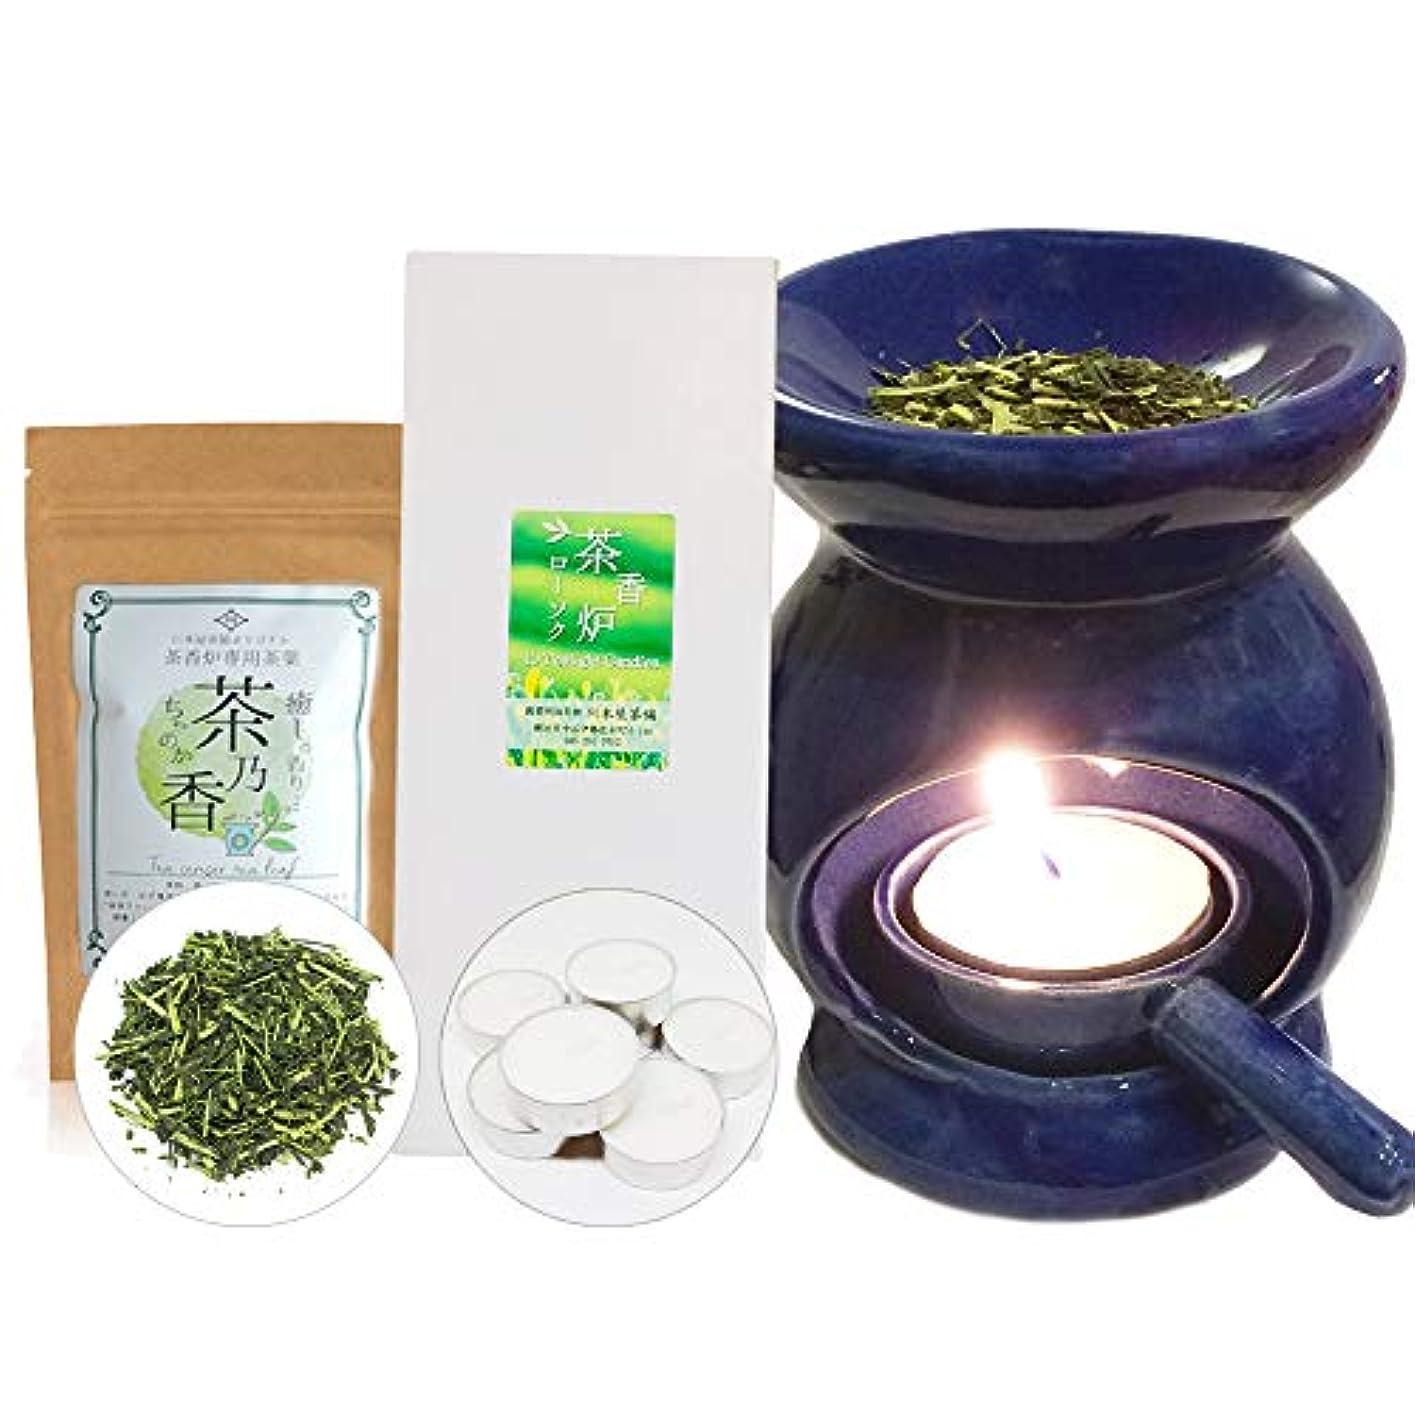 アスペクト振り子ブラザー川本屋茶舗 はじめての茶香炉セット (茶香炉専用茶葉?ローソク付) 届いてすぐ始められる?